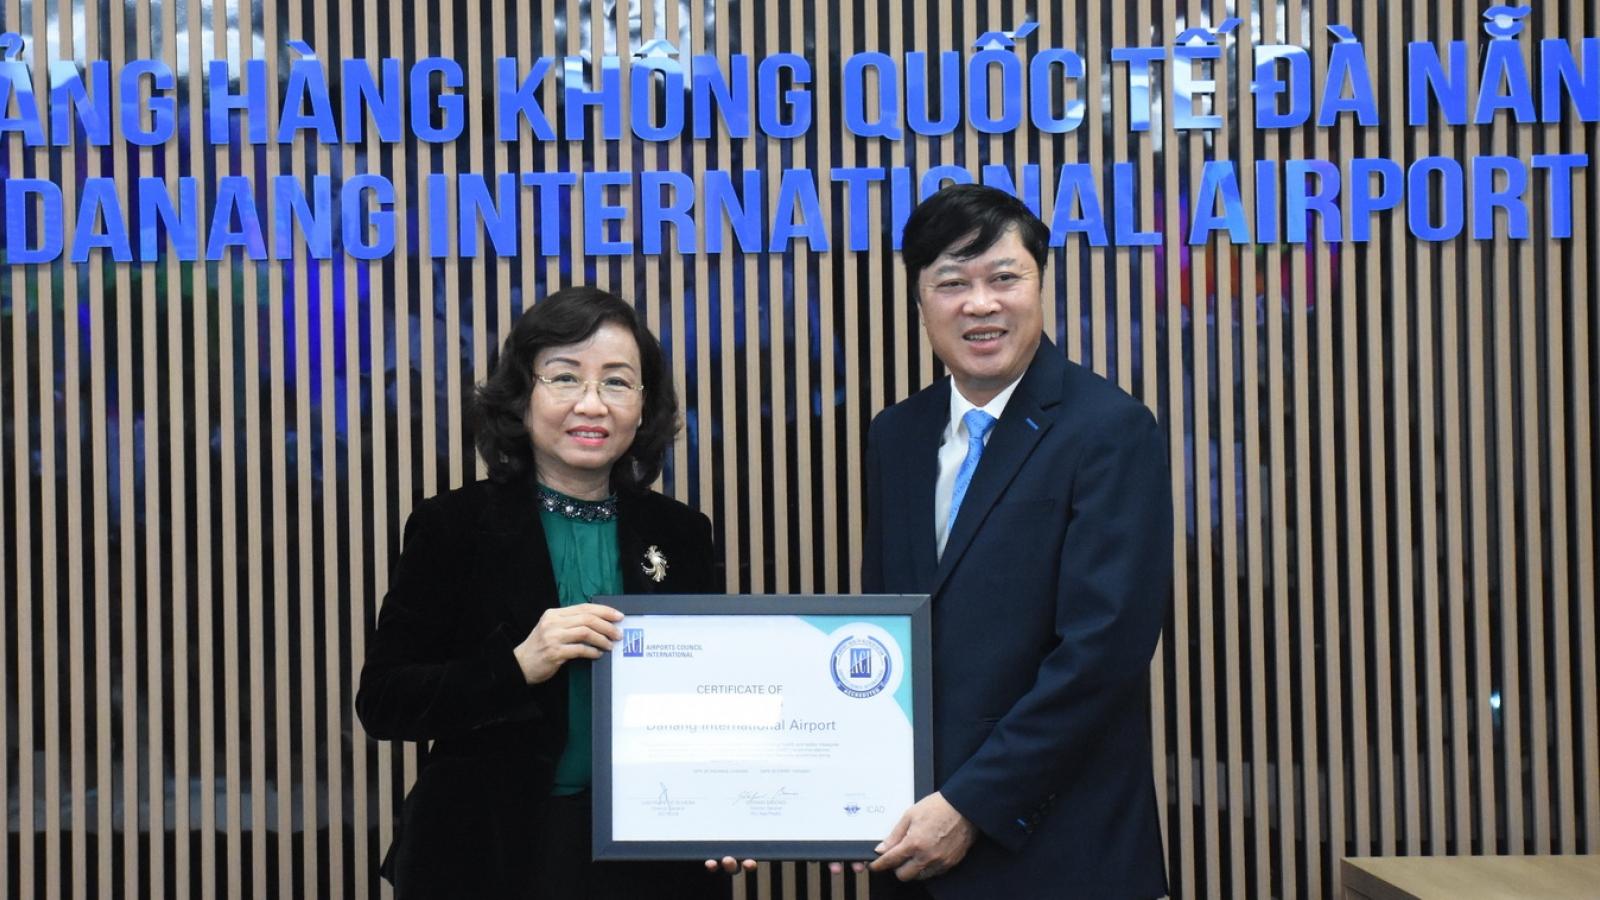 Cảng Hàng không quốc tế Đà Nẵng được cấp chứng nhận Kiểm chuẩn y tế sân bay